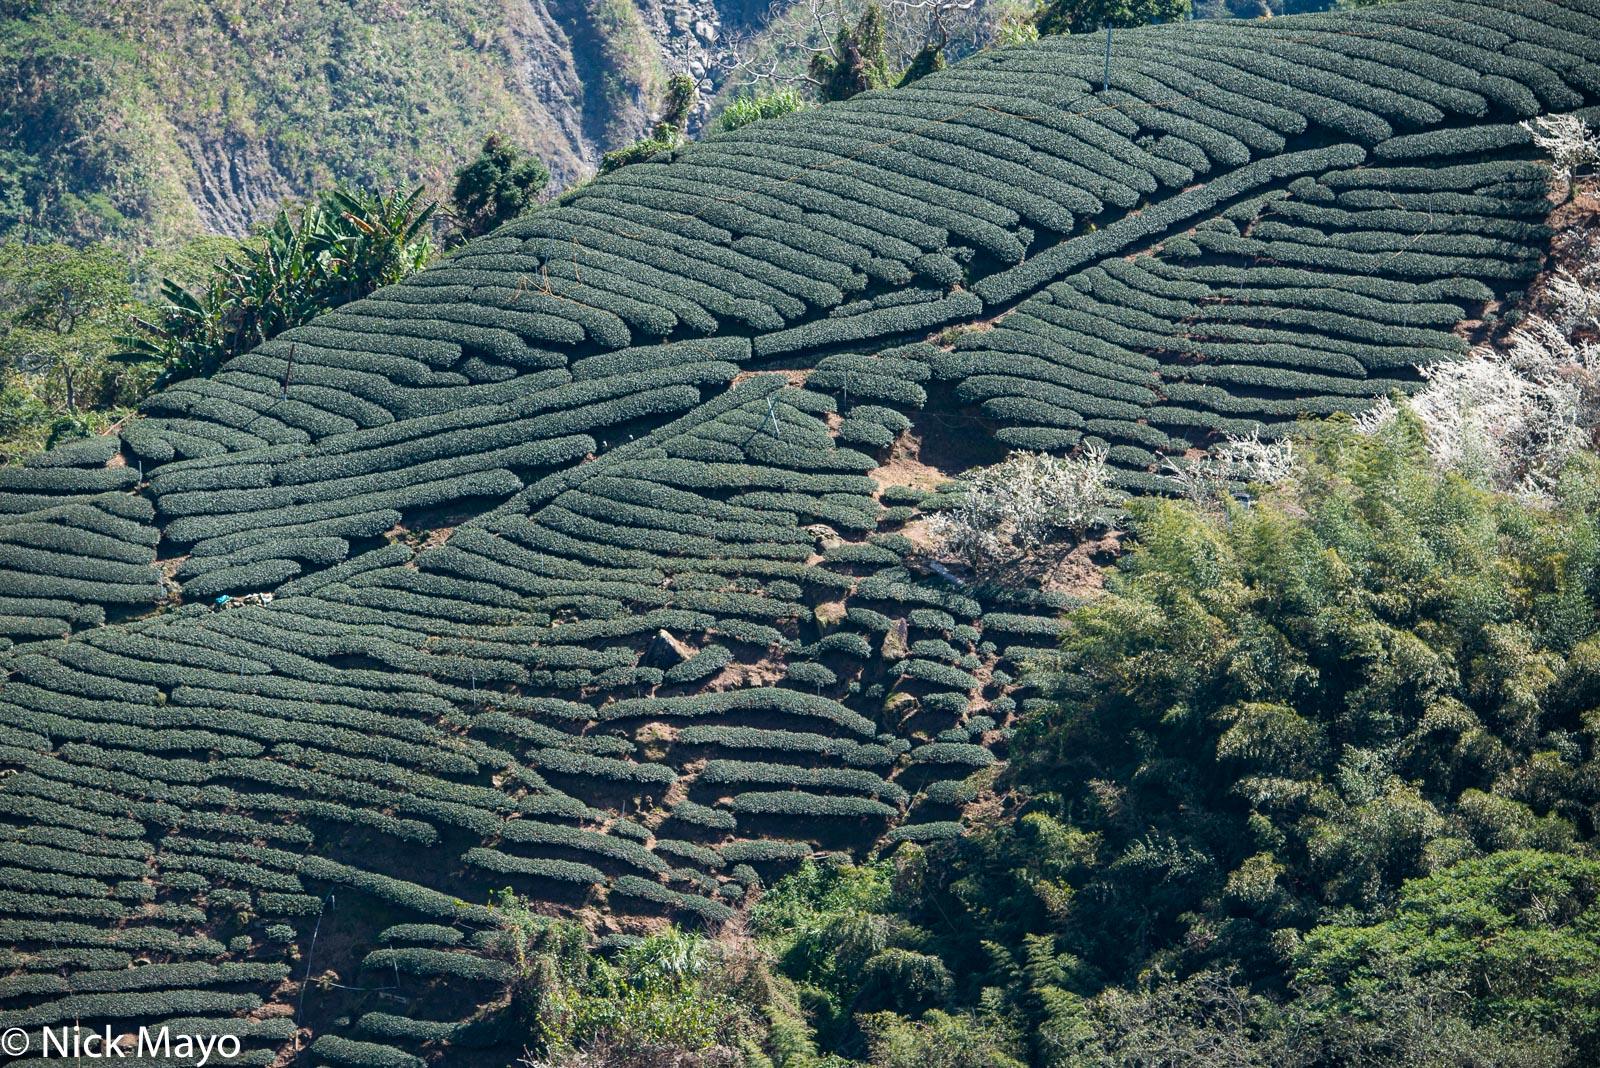 A tea field planted along a ridge near Tai He in Chiayi County.